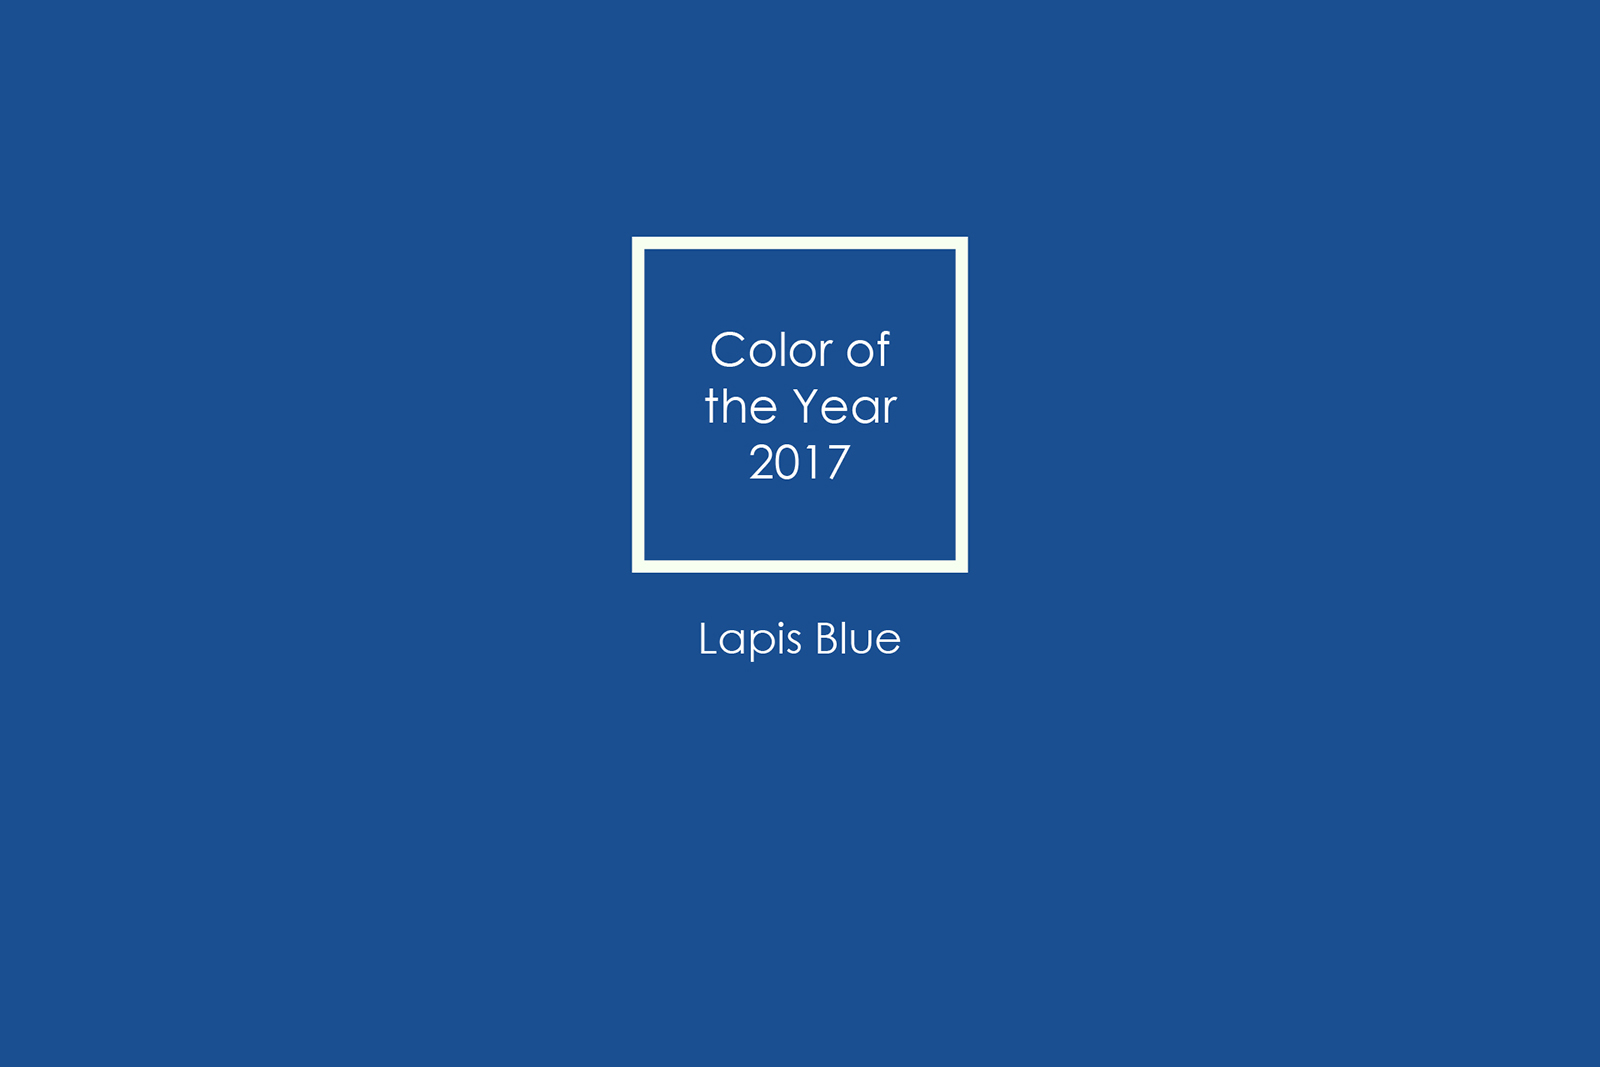 cromoterapia: il significato dei colori